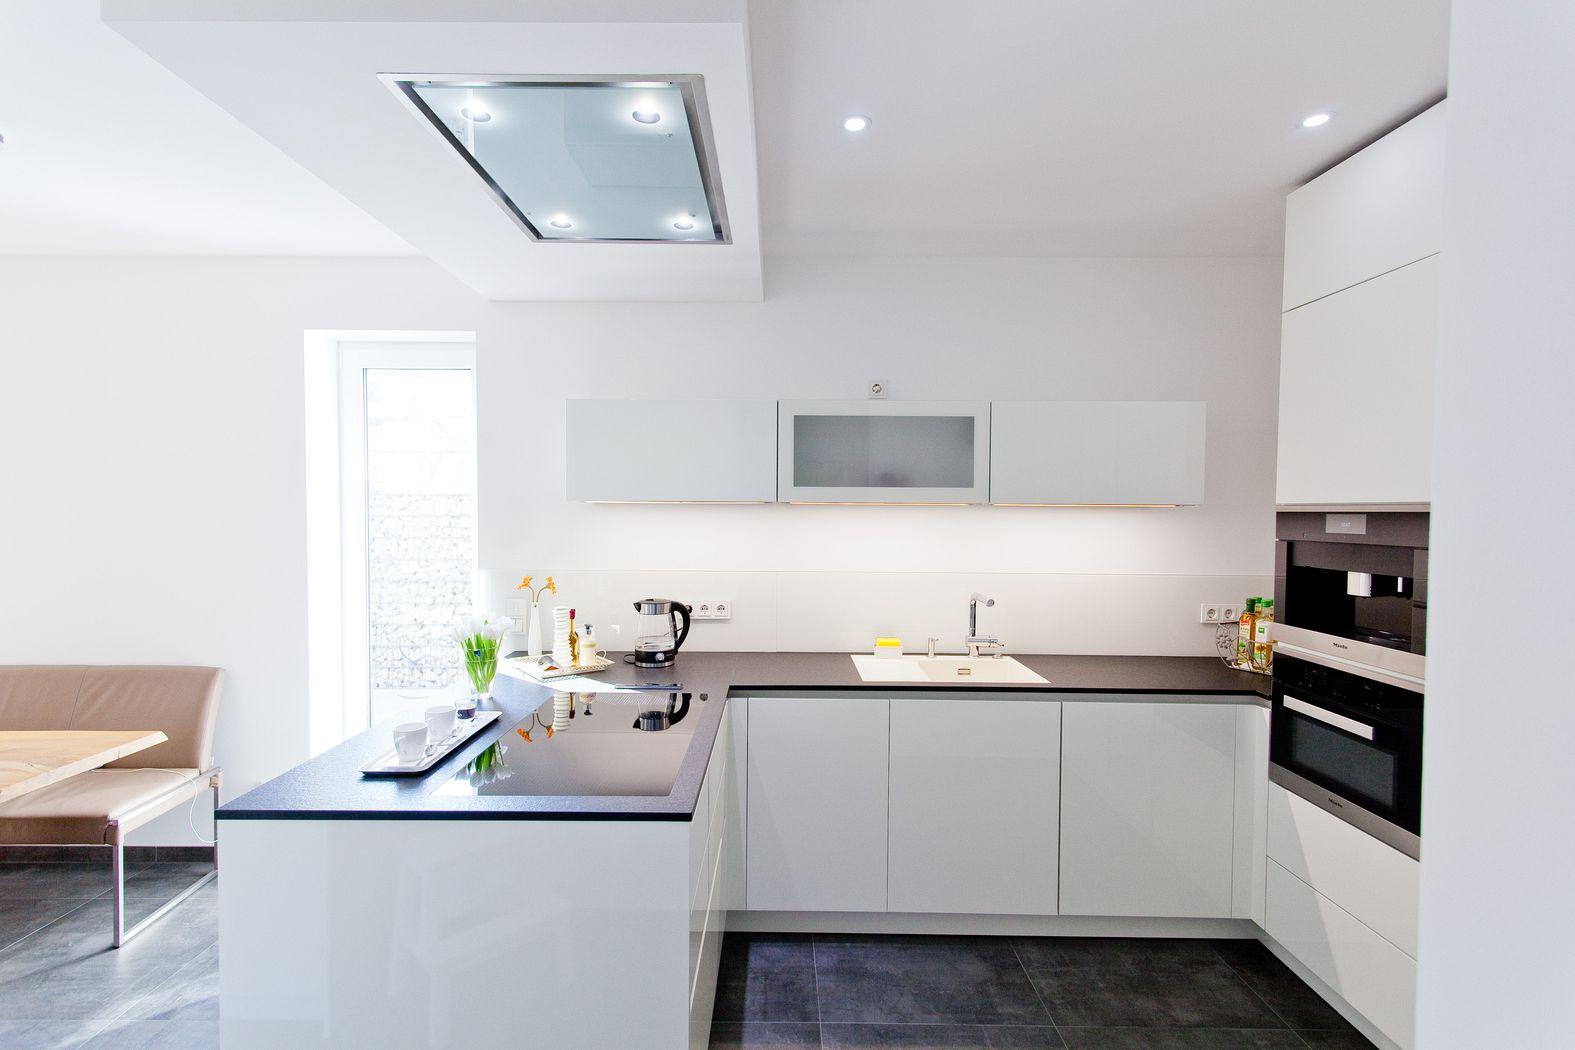 Küche Weiß Hochglanz Modern On Andere Beabsichtigt Fabelhafte Ideen Moderne Und Phantasievolle 3